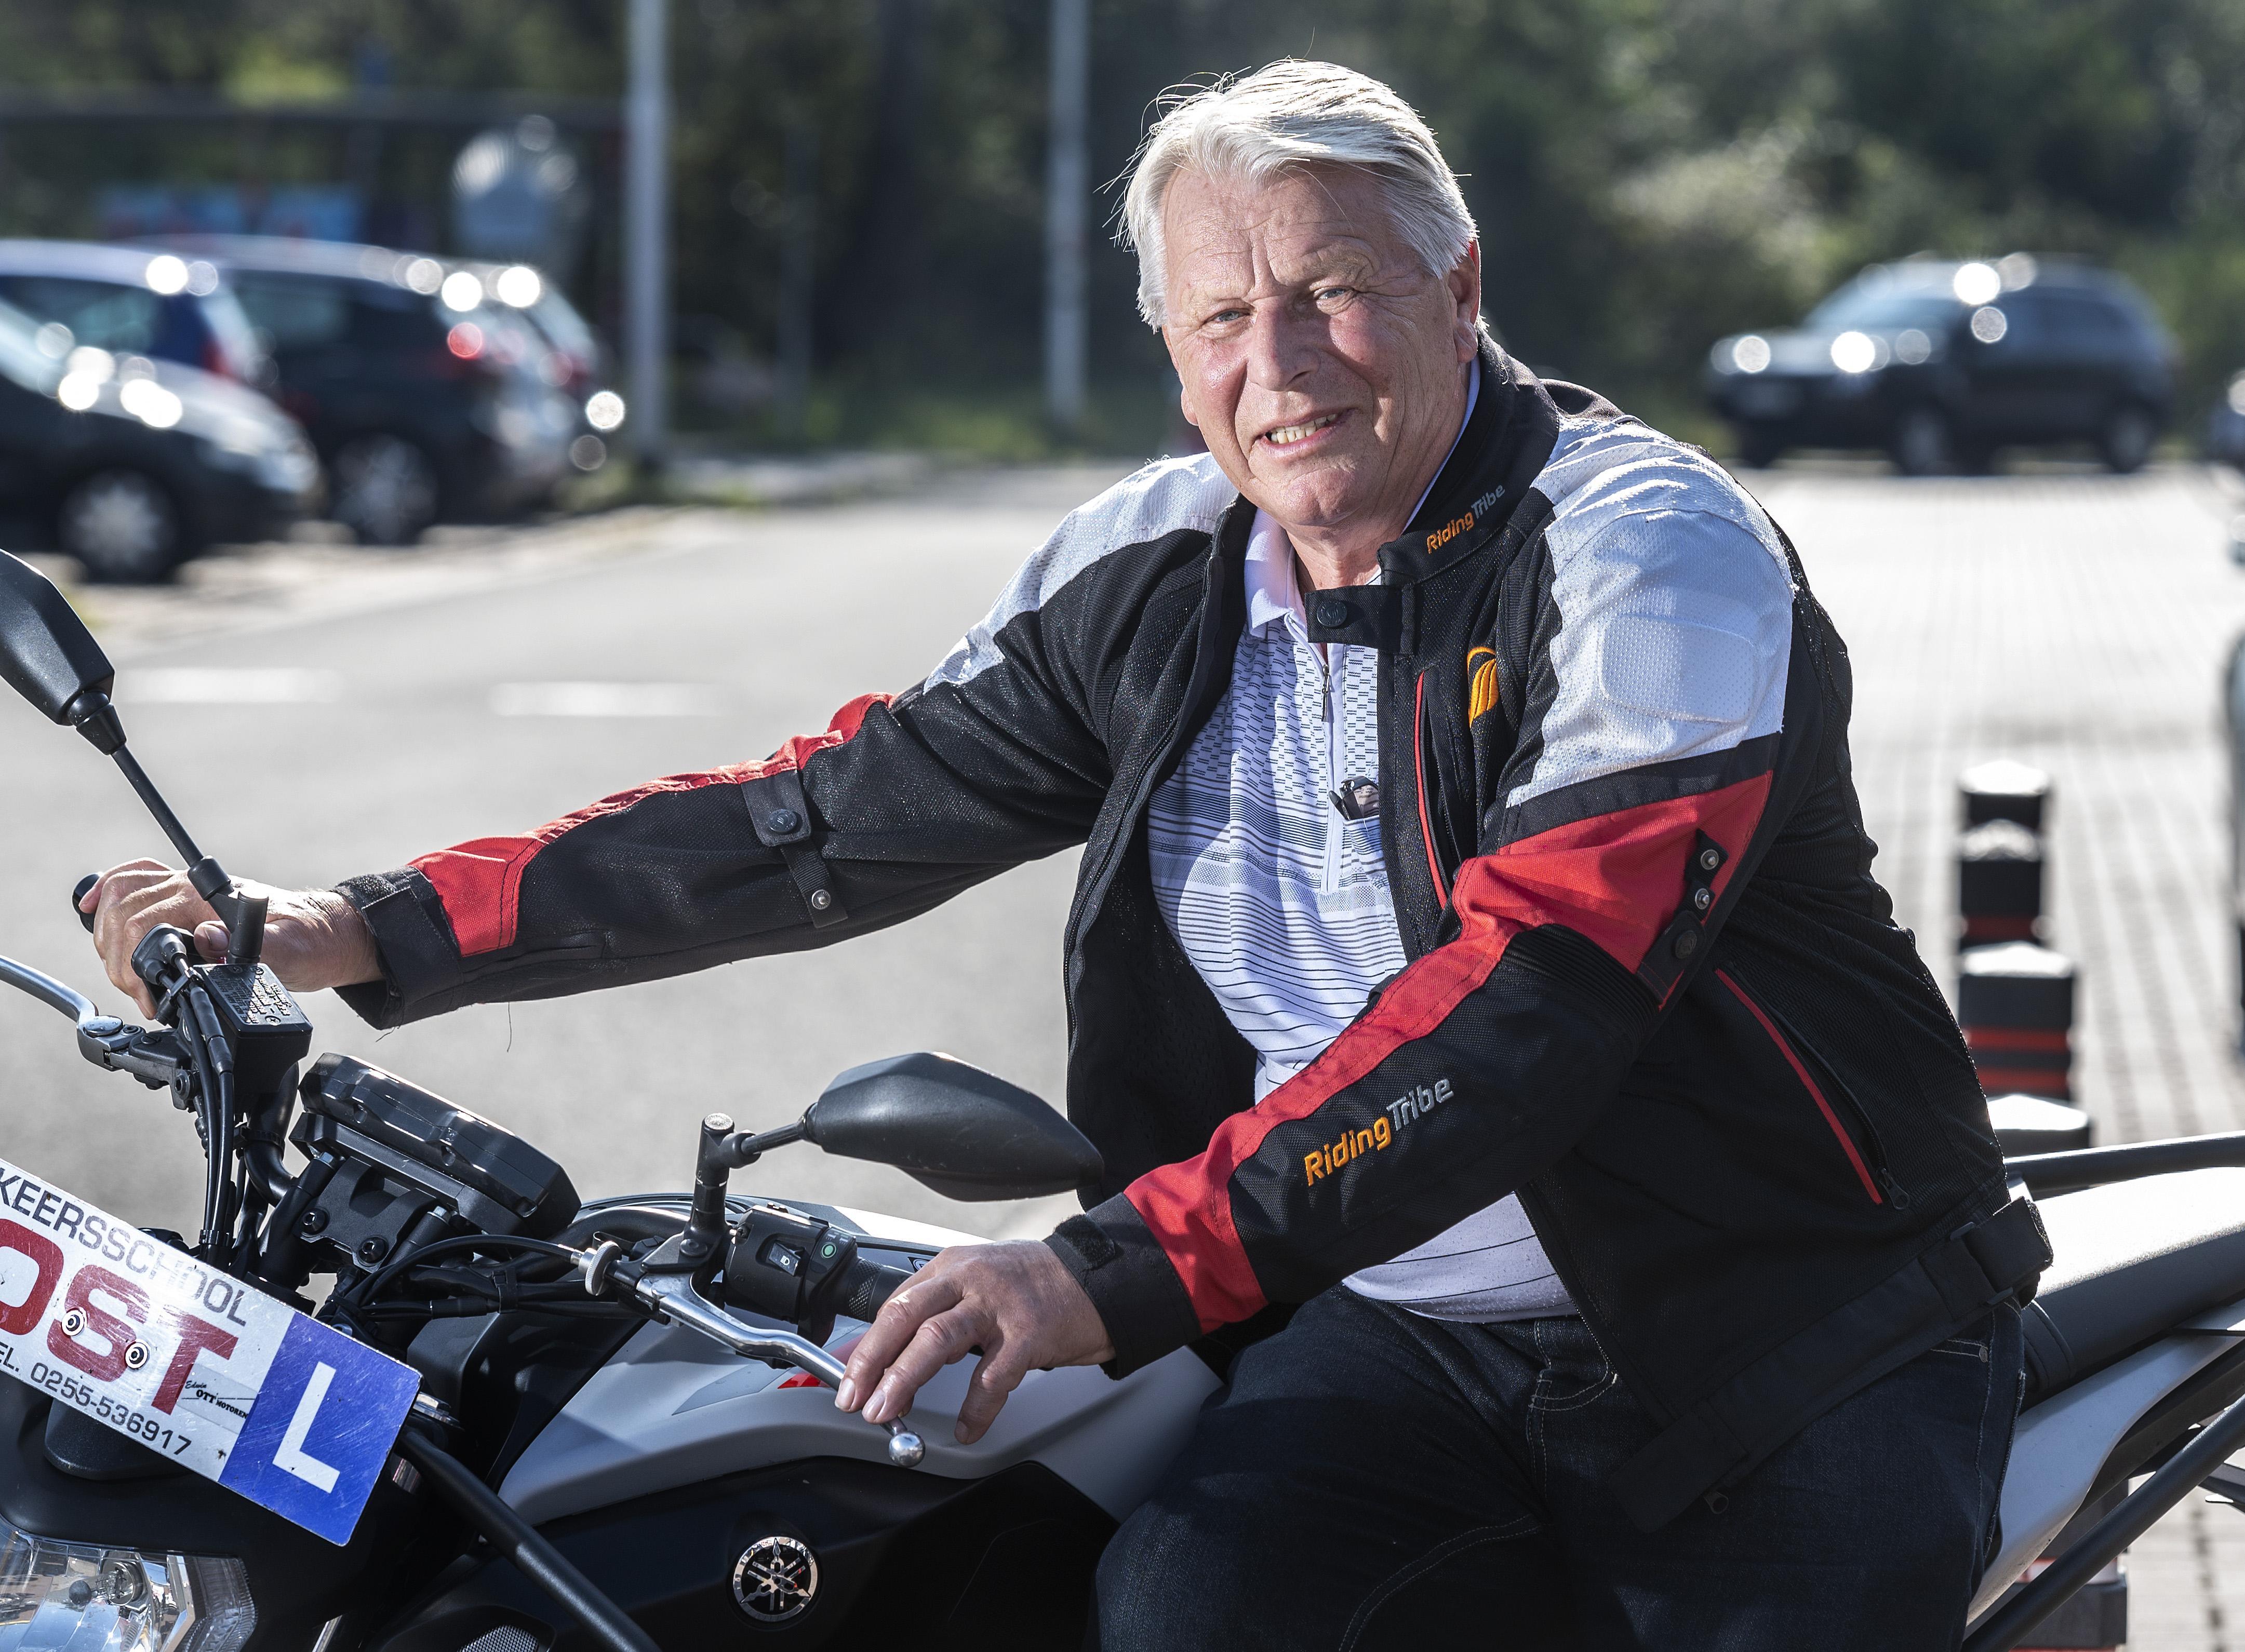 76-jarige Hank haalt zwaarste motorrijbewijs: 'Ik ben misschien wel hartstikke gek dat ik dit wilde, maar ben ook een doorzetter'